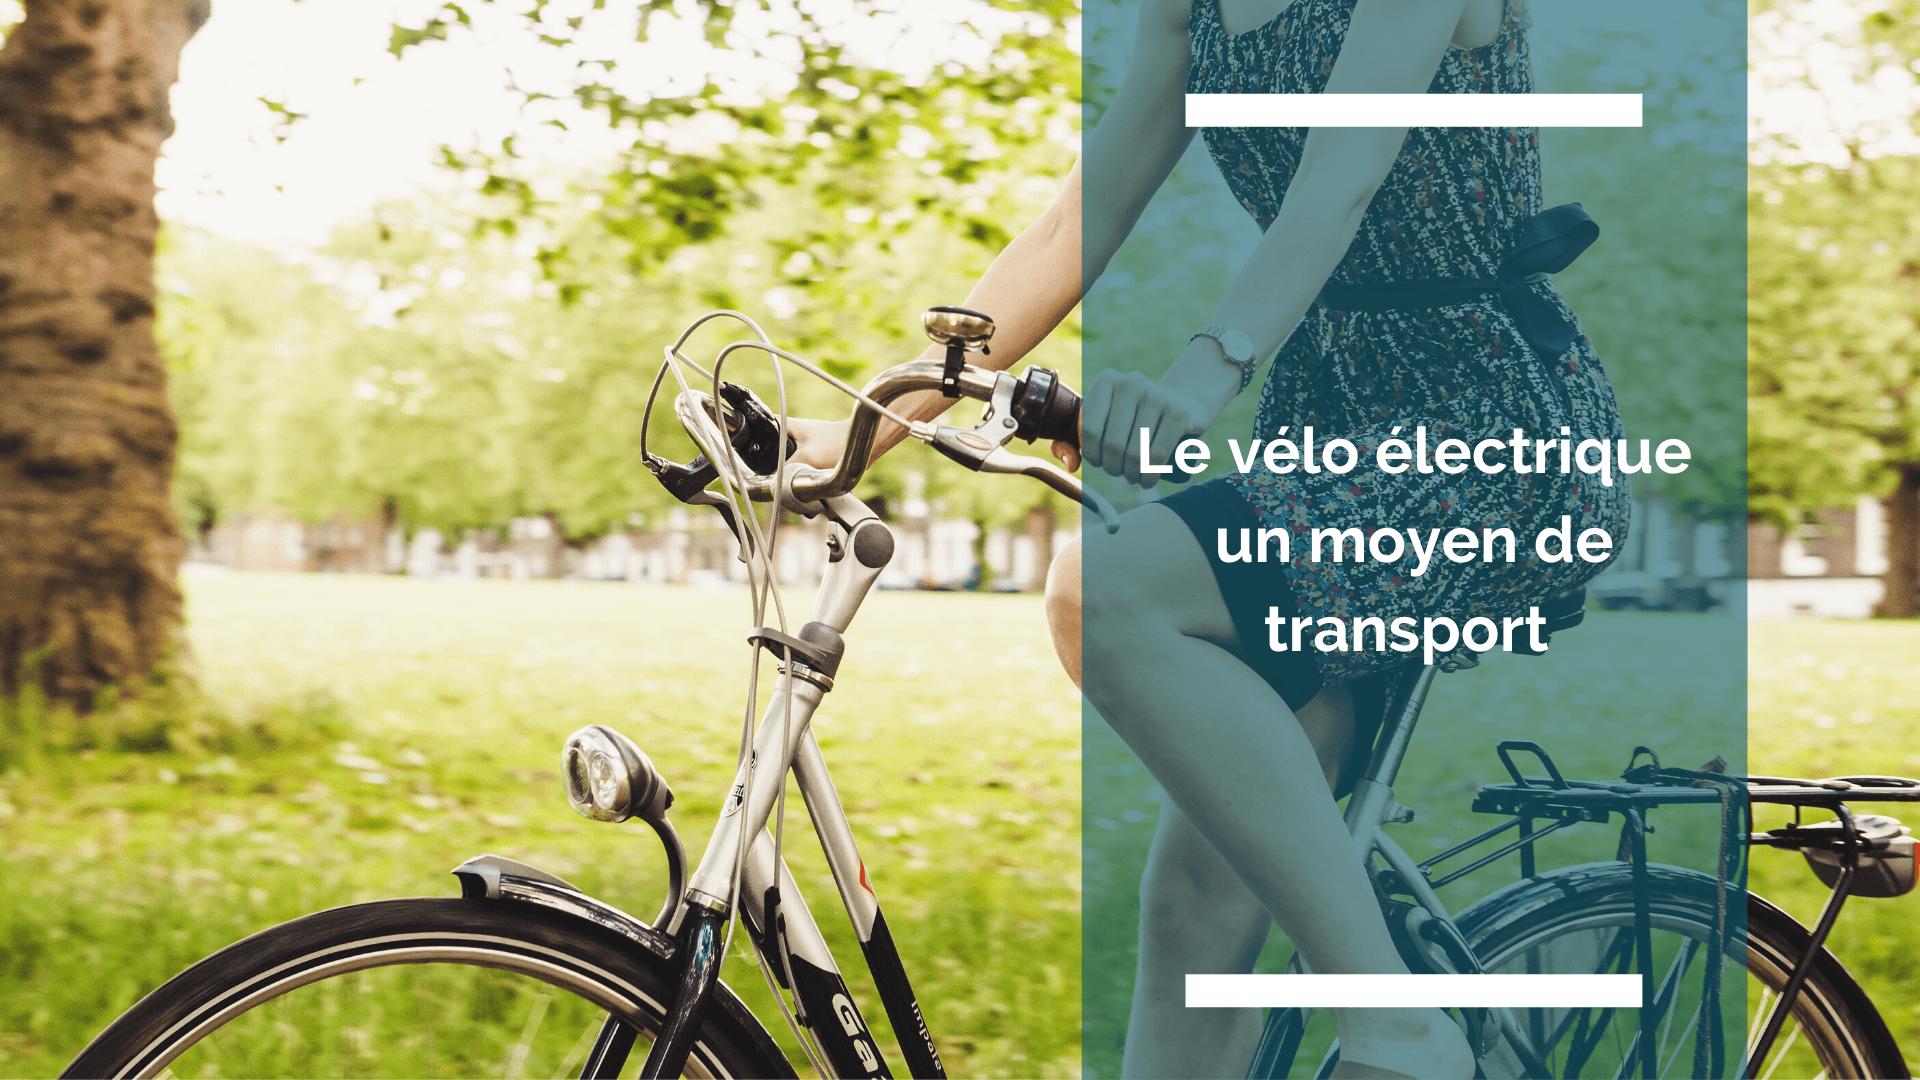 Visuel de l'article : le vélo électrique un moyen de transport